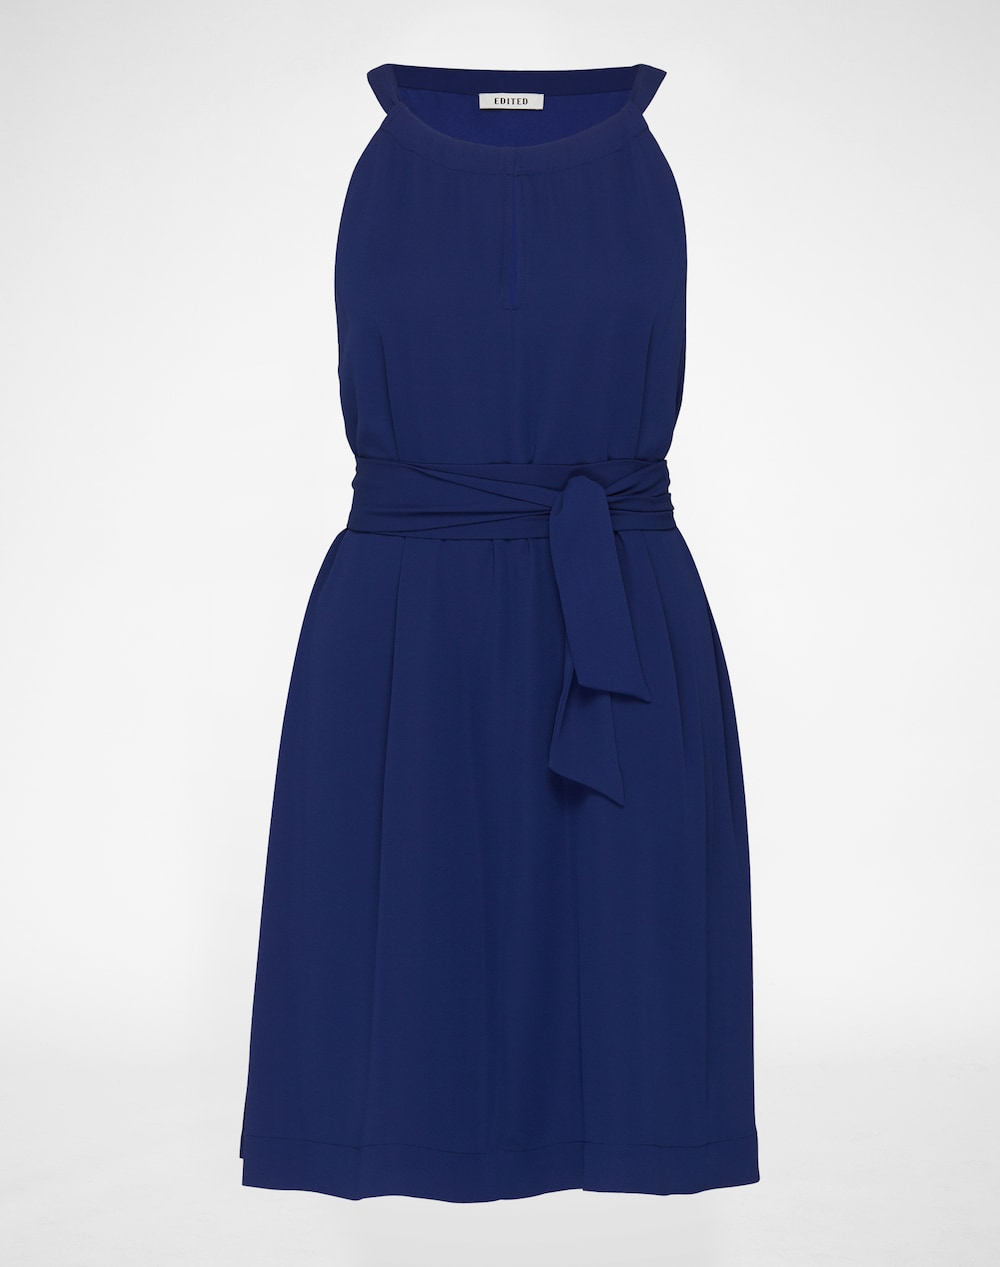 Artikel klicken und genauer betrachten! - Schickes knielanges Kleid von EDITED the label. Raffinierter Kragen ermöglicht einen variablen Key-hole Ausschnitt. Die A-Linie kann durch einen Gürtel in der Taille zu einem figurbetonten Outfit verändert werden. | im Online Shop kaufen